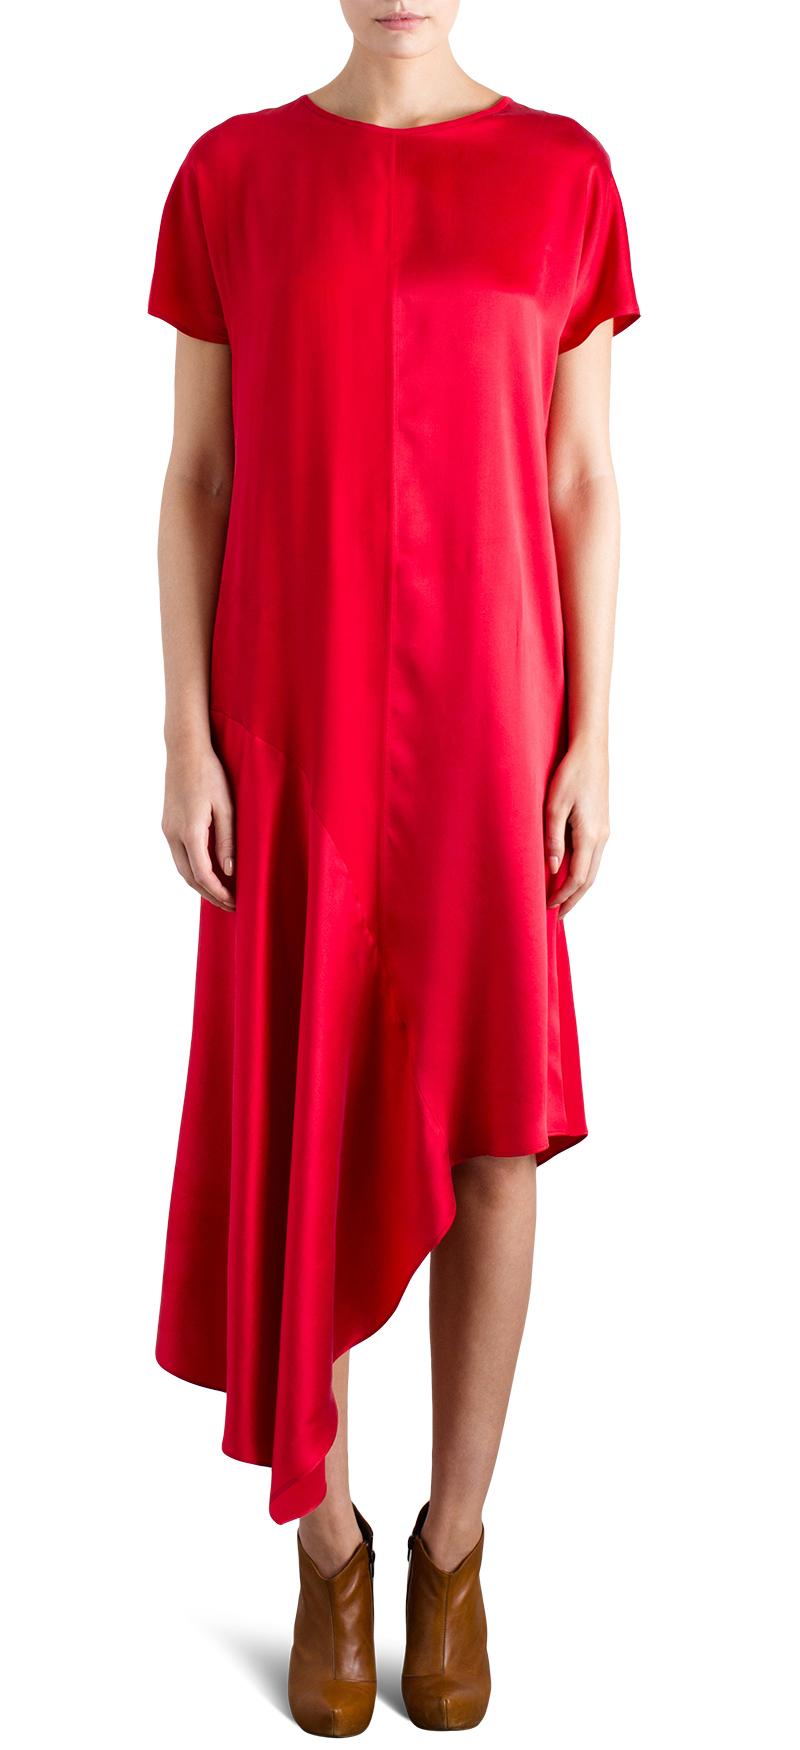 Bild 1 av Dance siden klänning